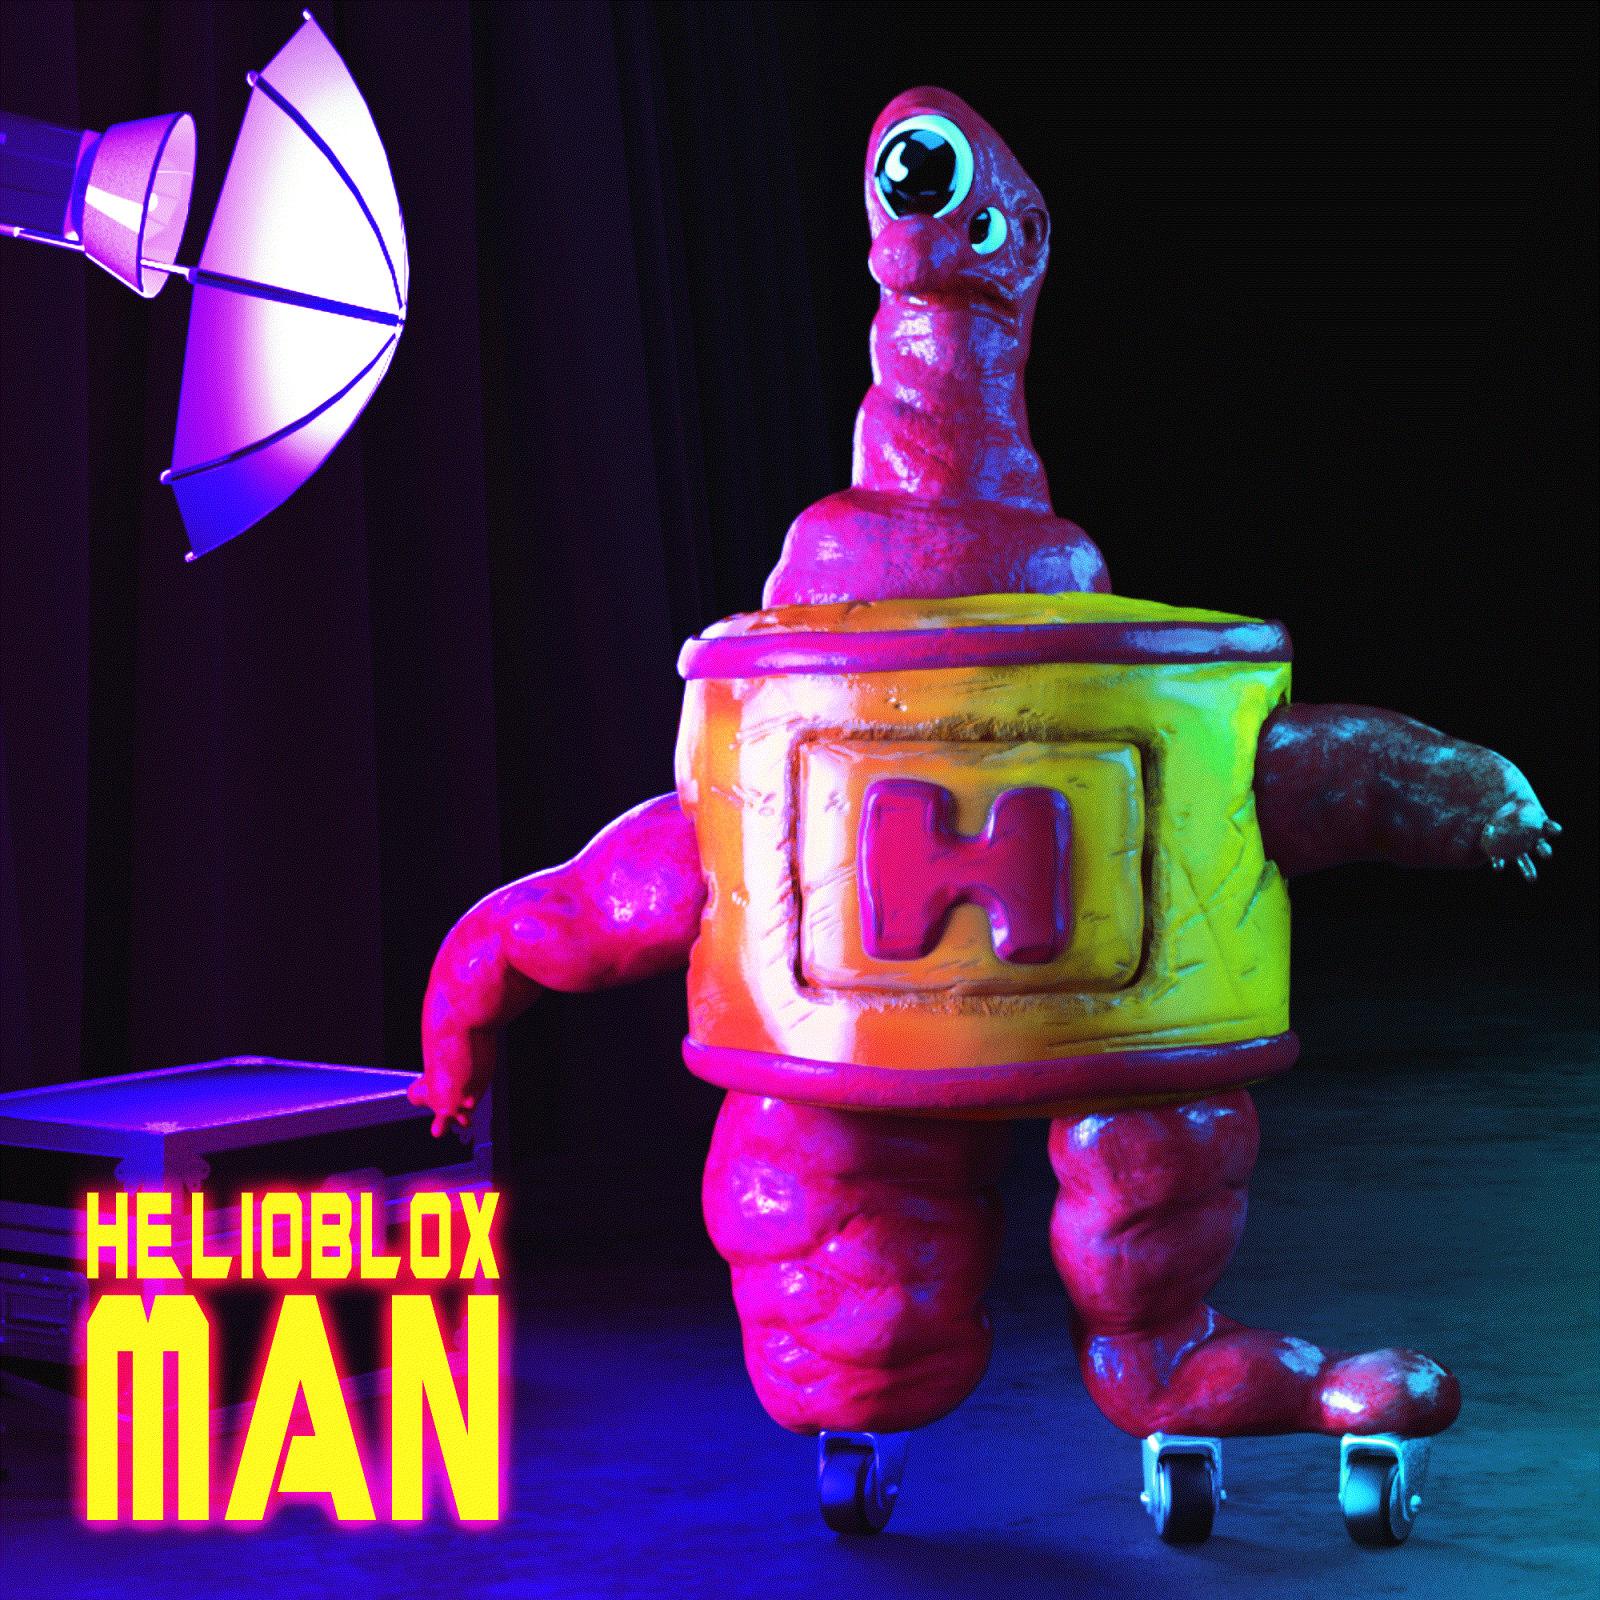 Ben Wheele, Helioblox Man, 2021 Bid on OpenSea